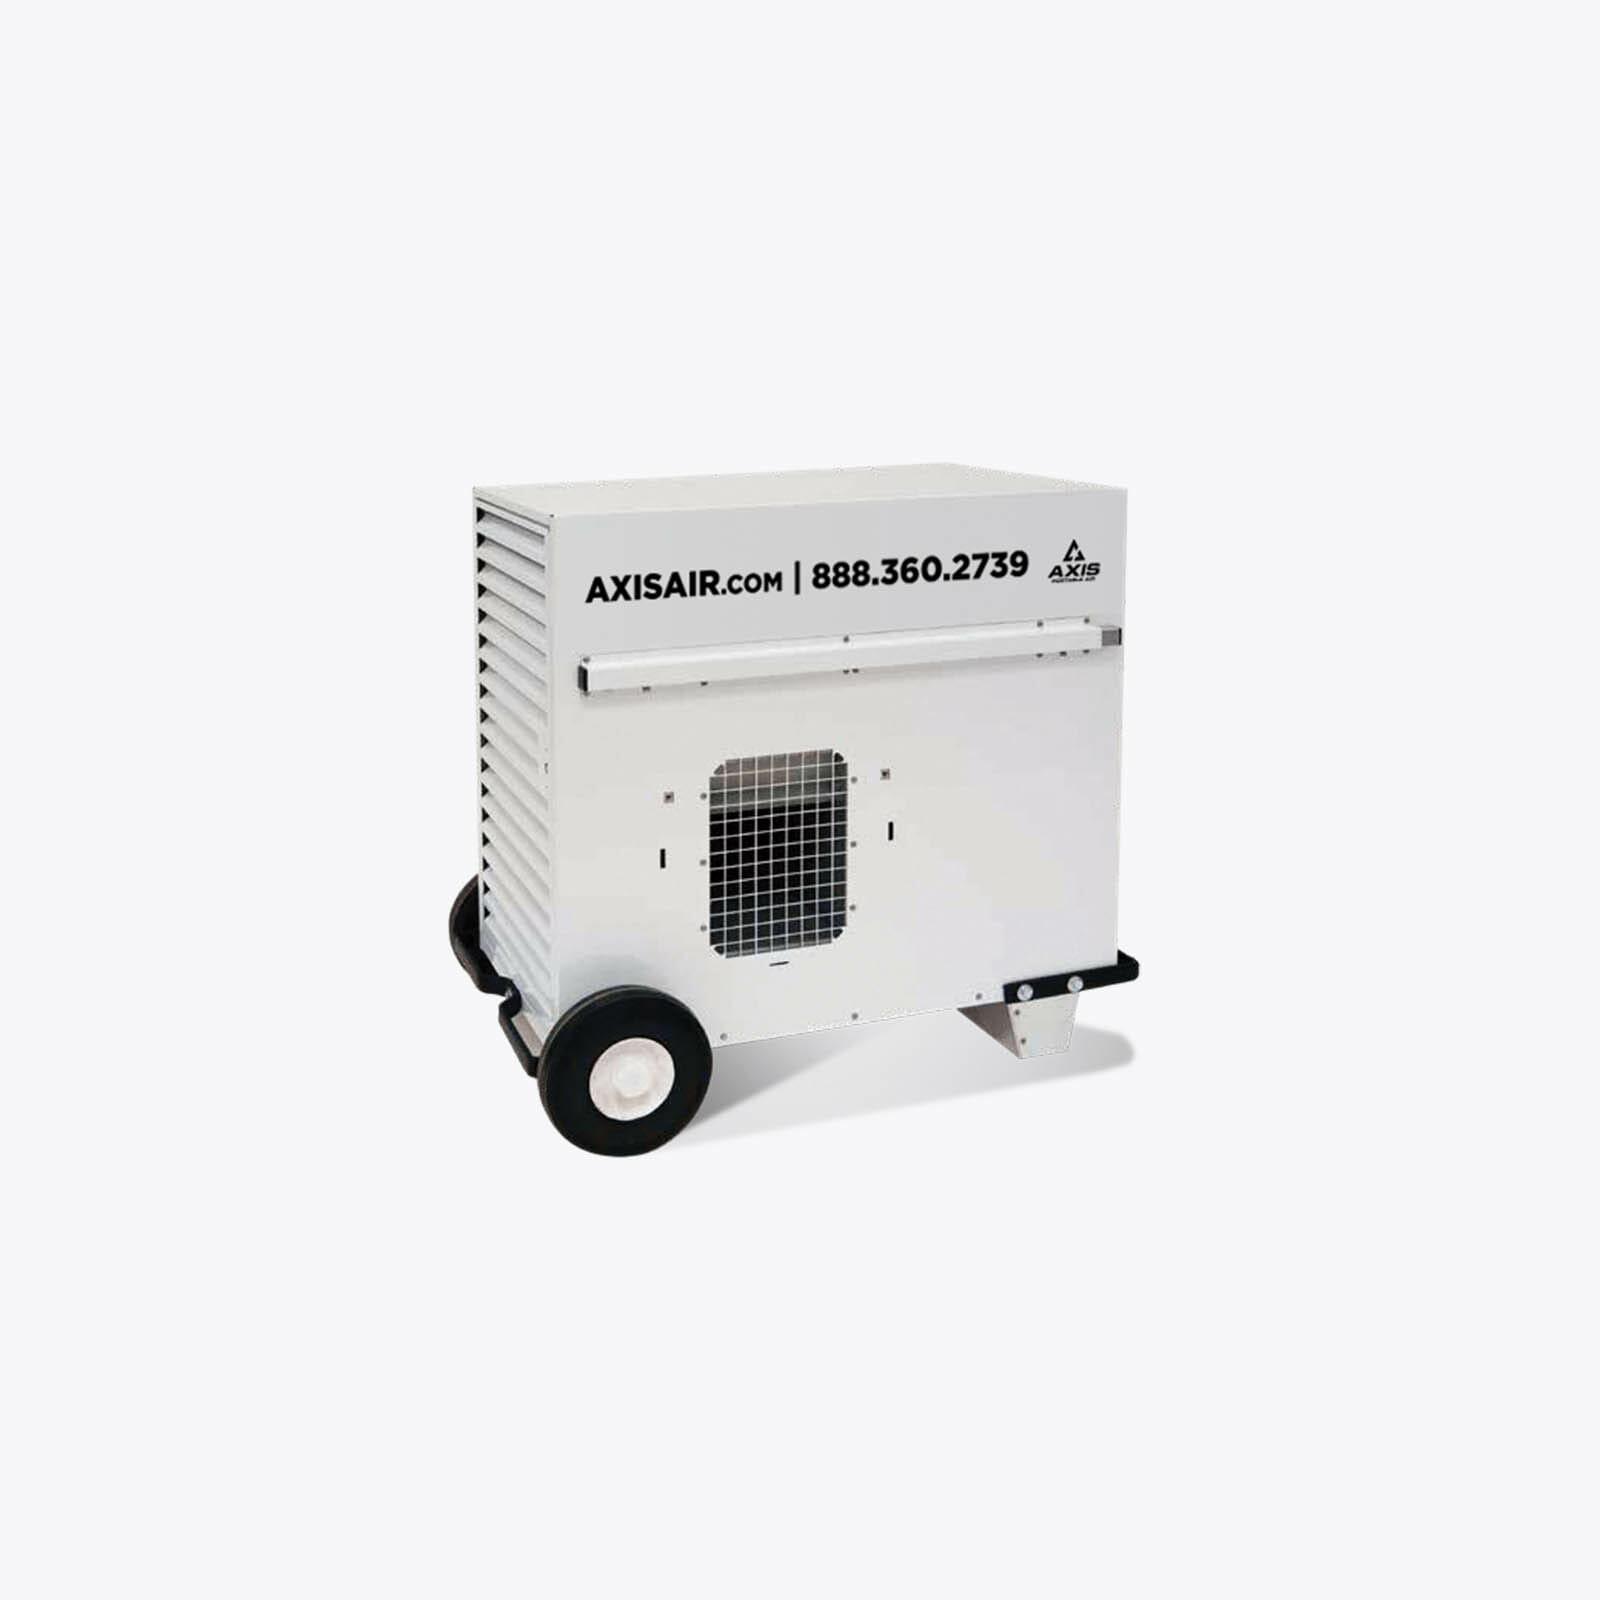 LB White Premier 170 DF